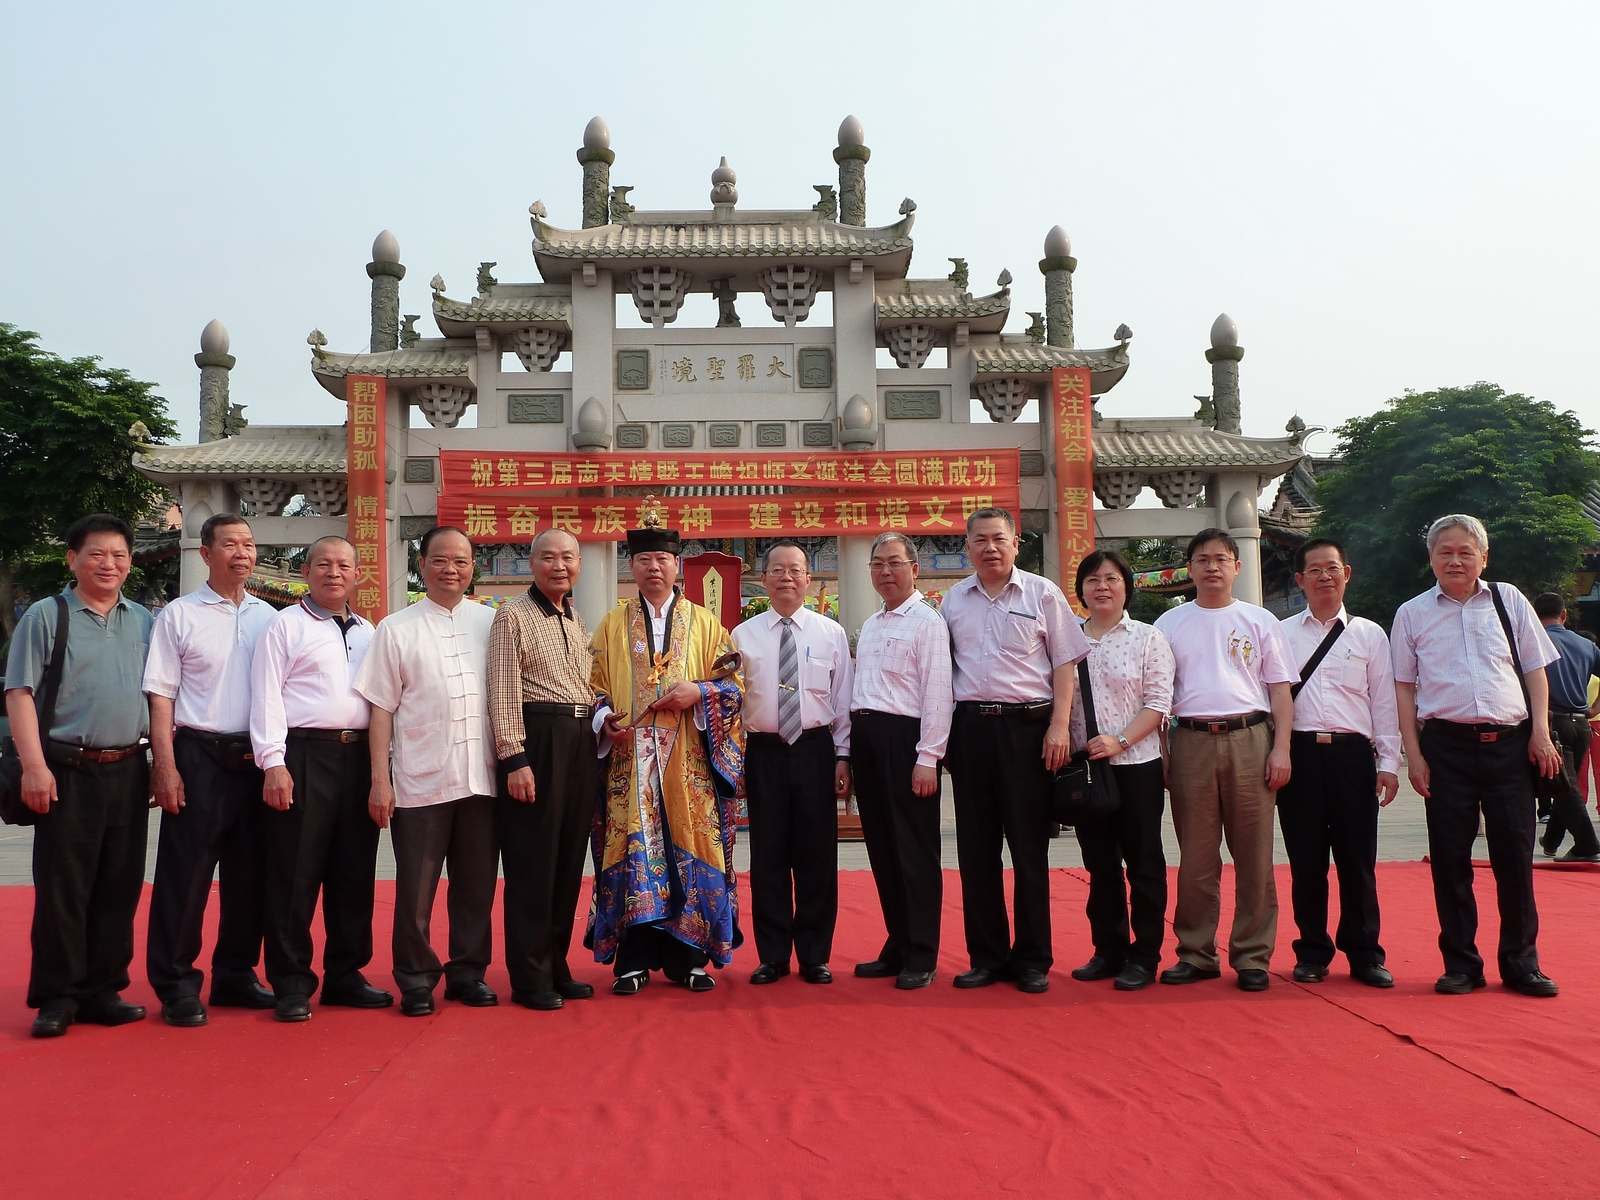 海南文筆鋒宗教文化交 流參訪2011.04.17